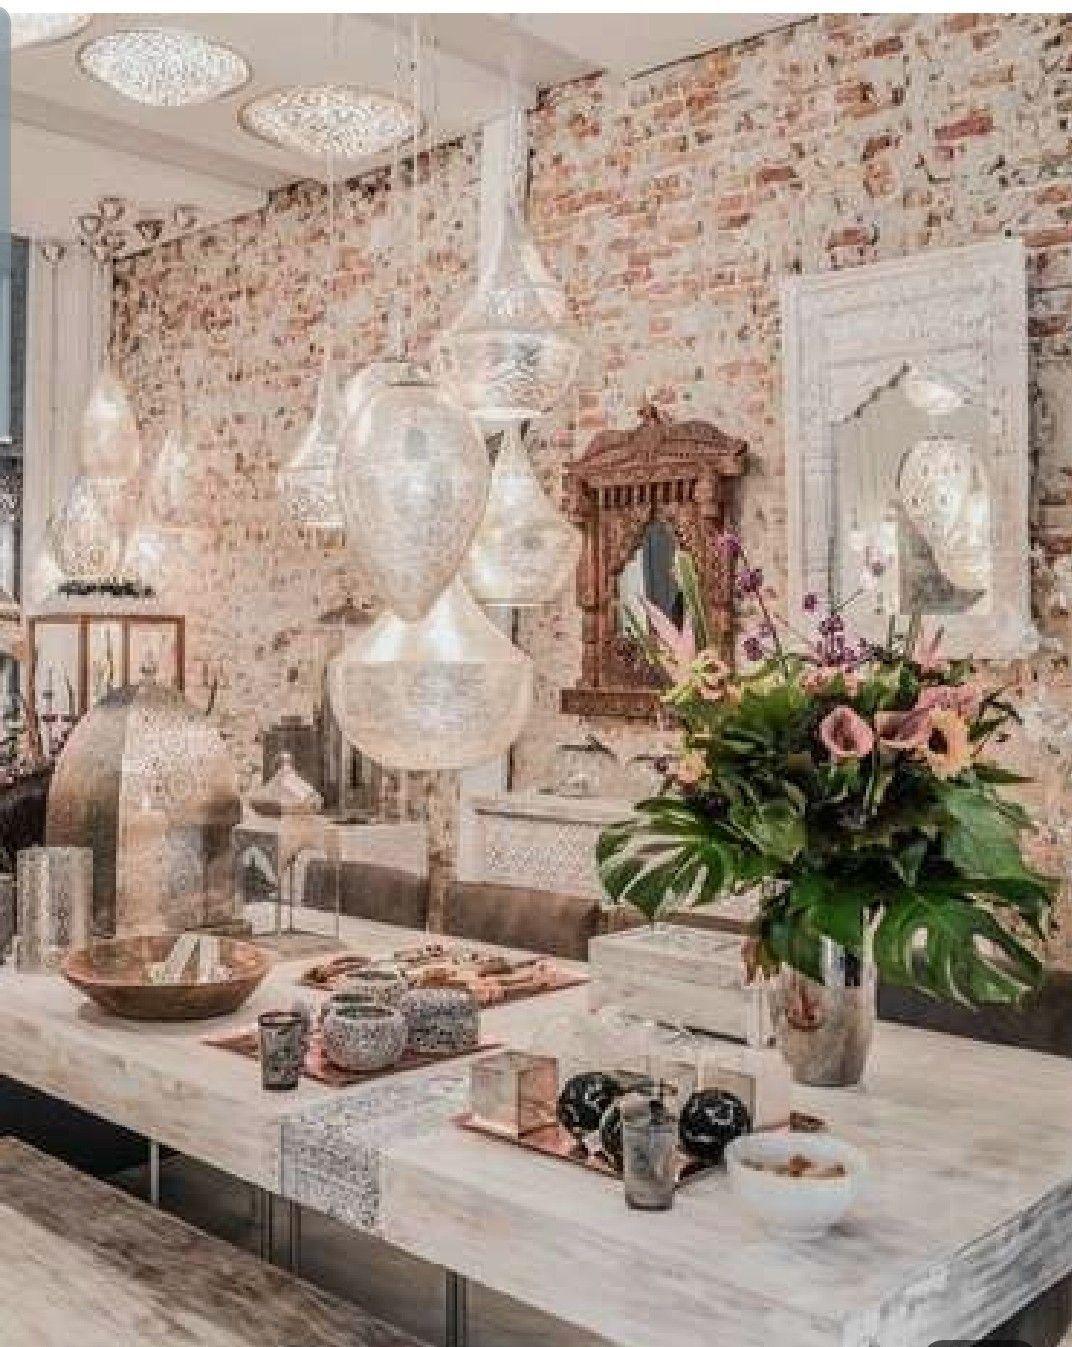 Einrichtungsstil orientalisch  Morrocan decor, Moroccan decor, Decor